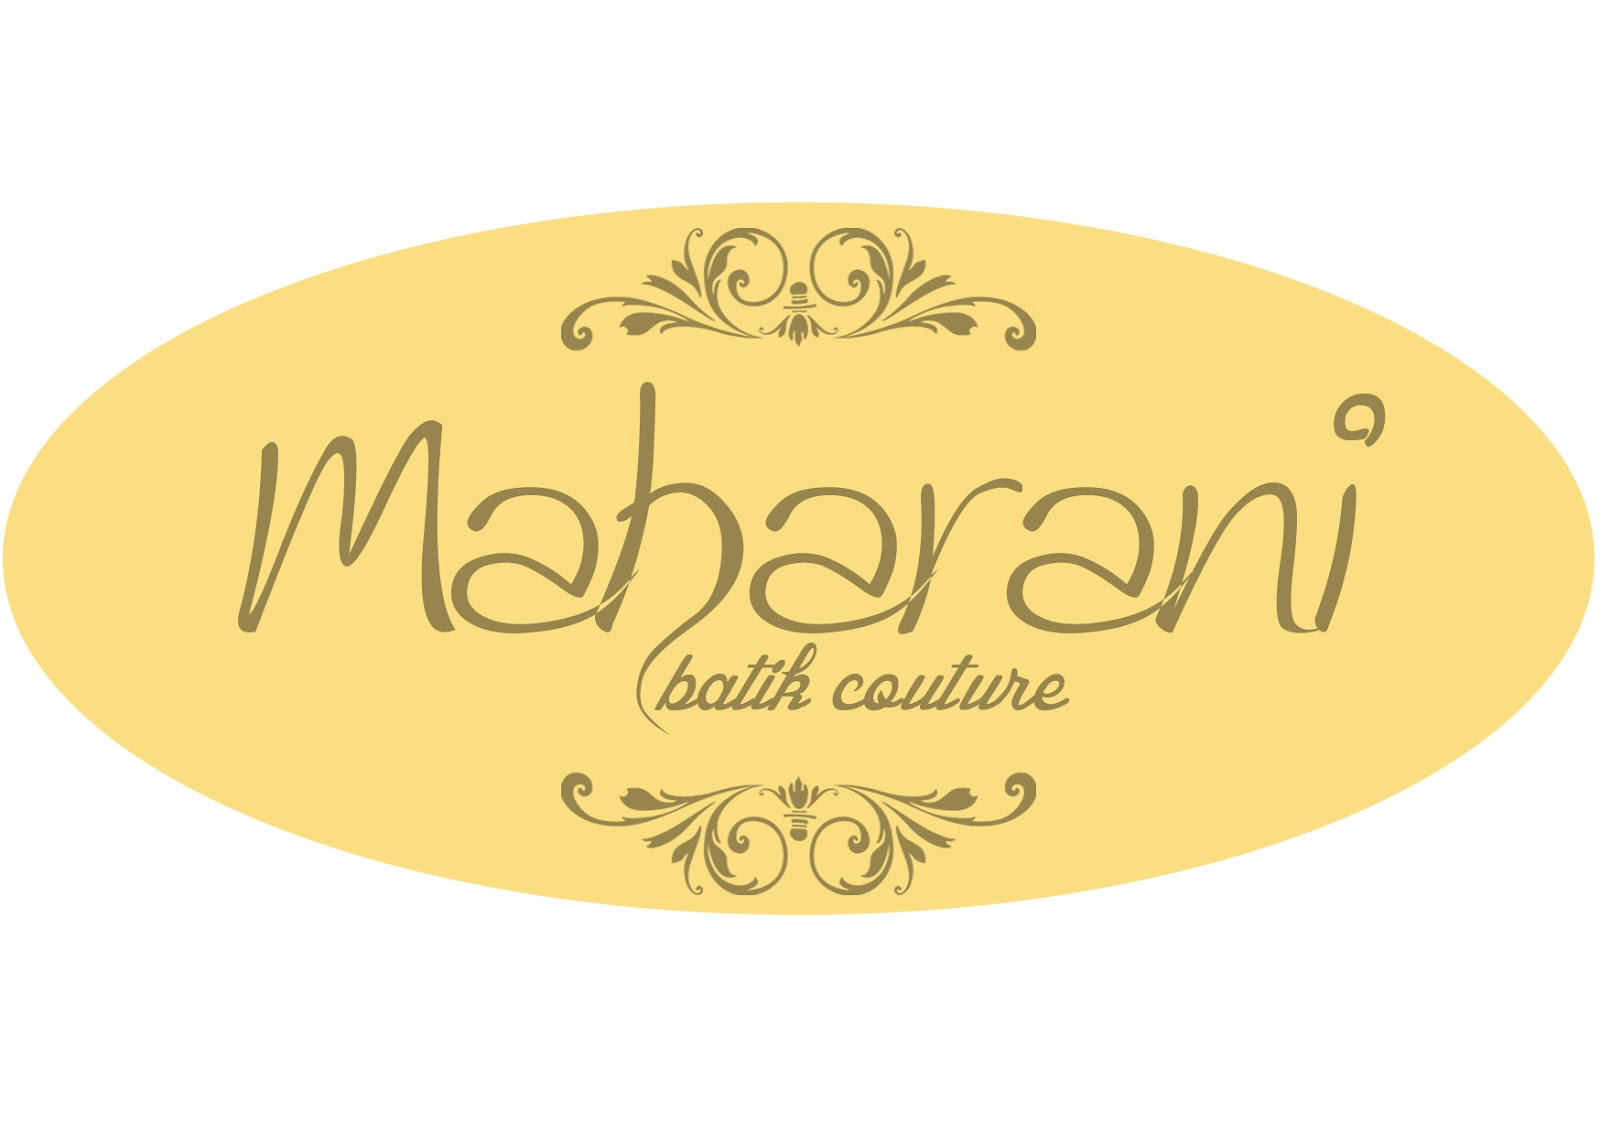 Maharani Batik Couture: About